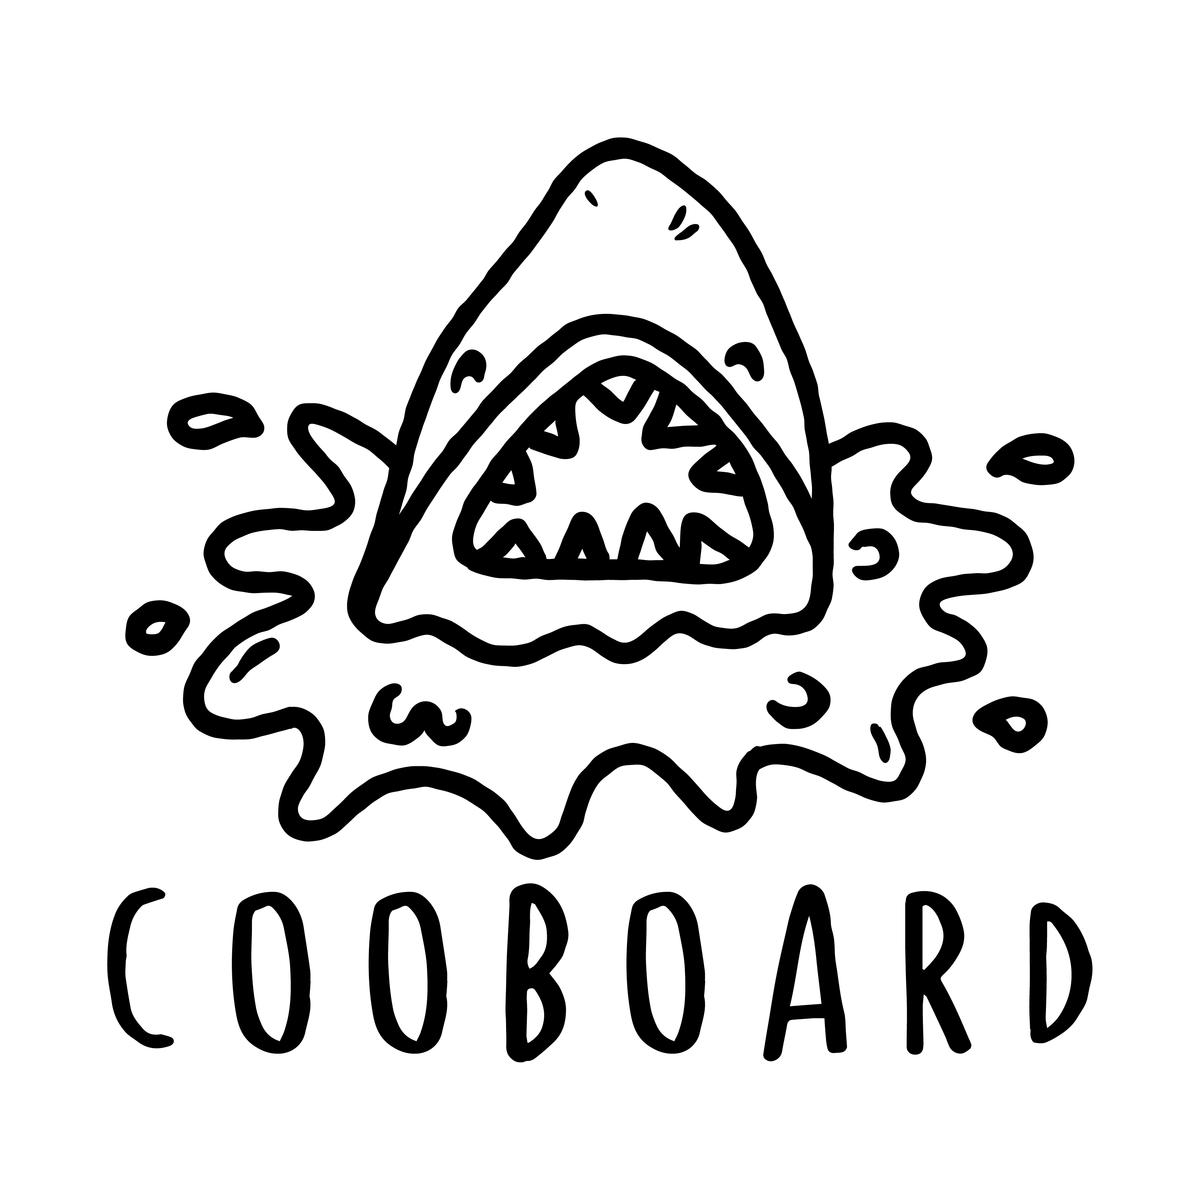 Cooboard